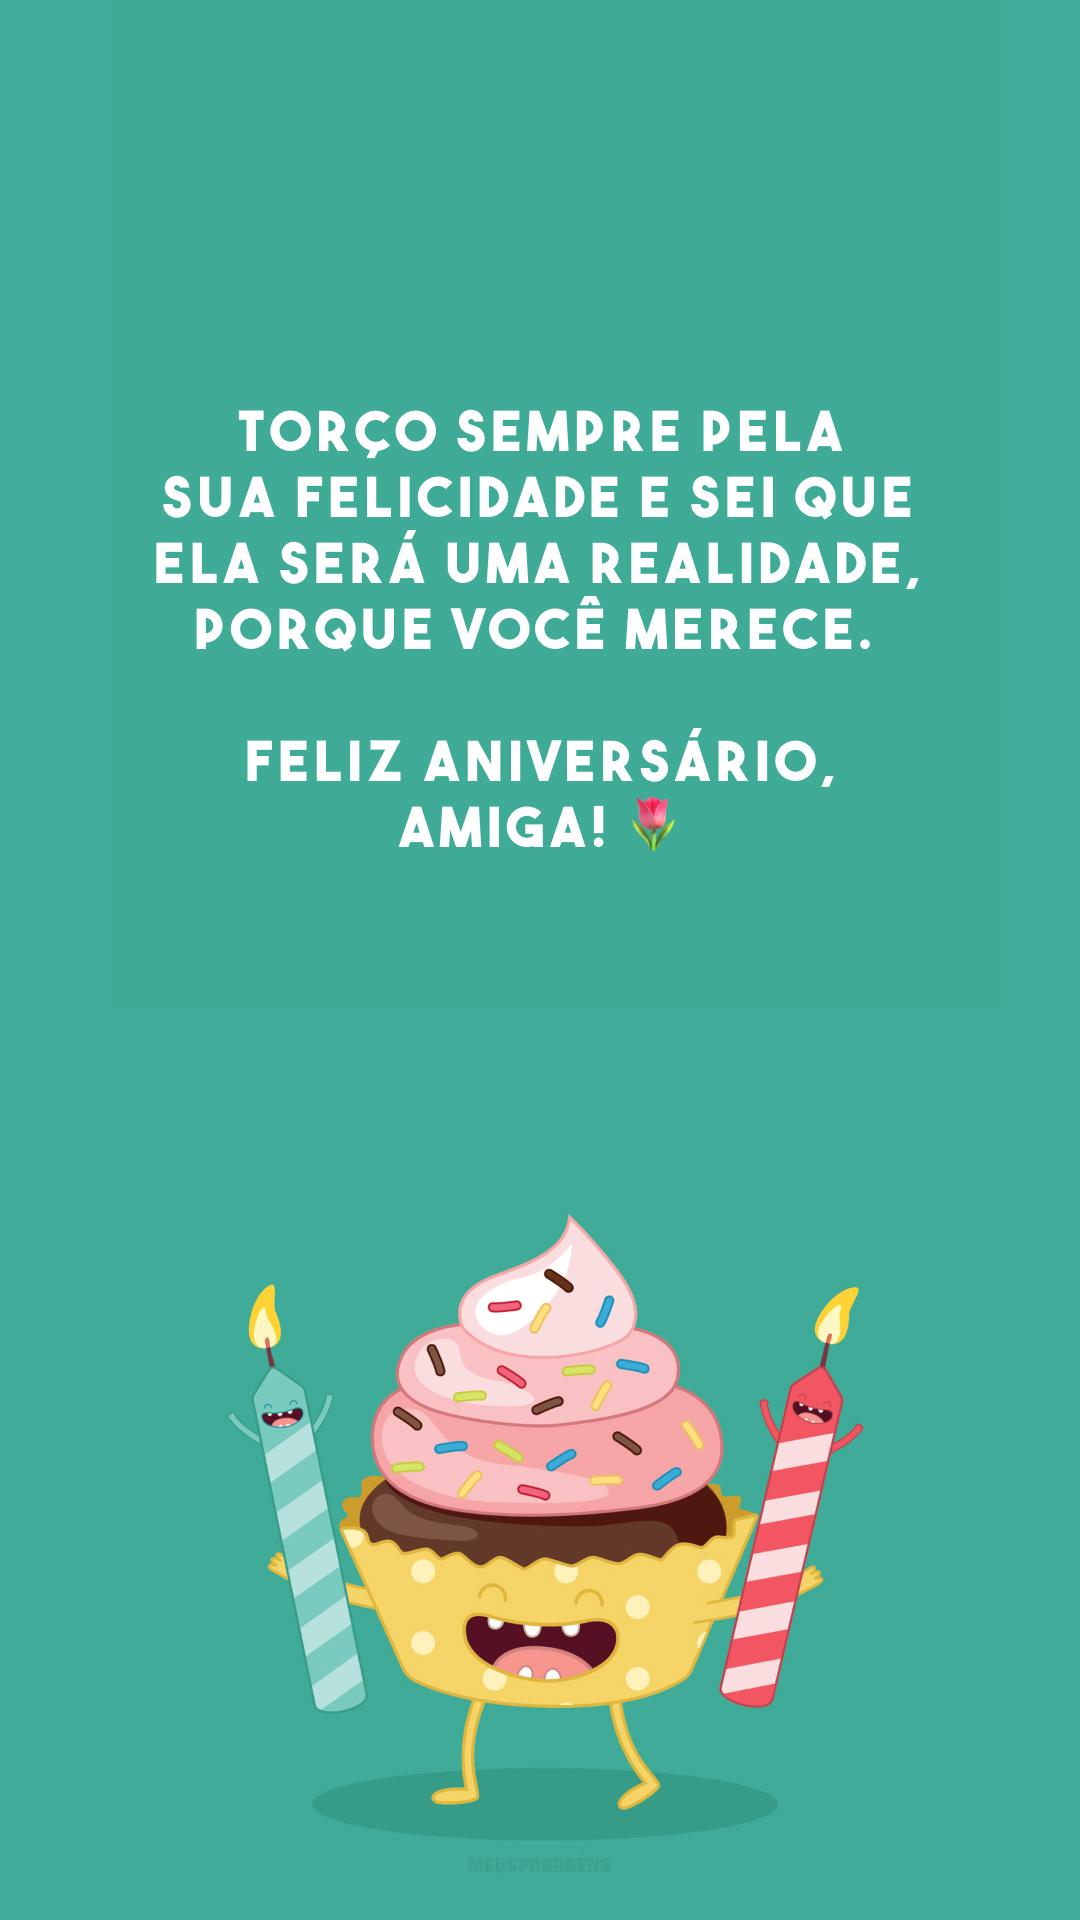 Torço sempre pela sua felicidade e sei que ela será uma realidade, porque você merece. Feliz aniversário, amiga! 🌷